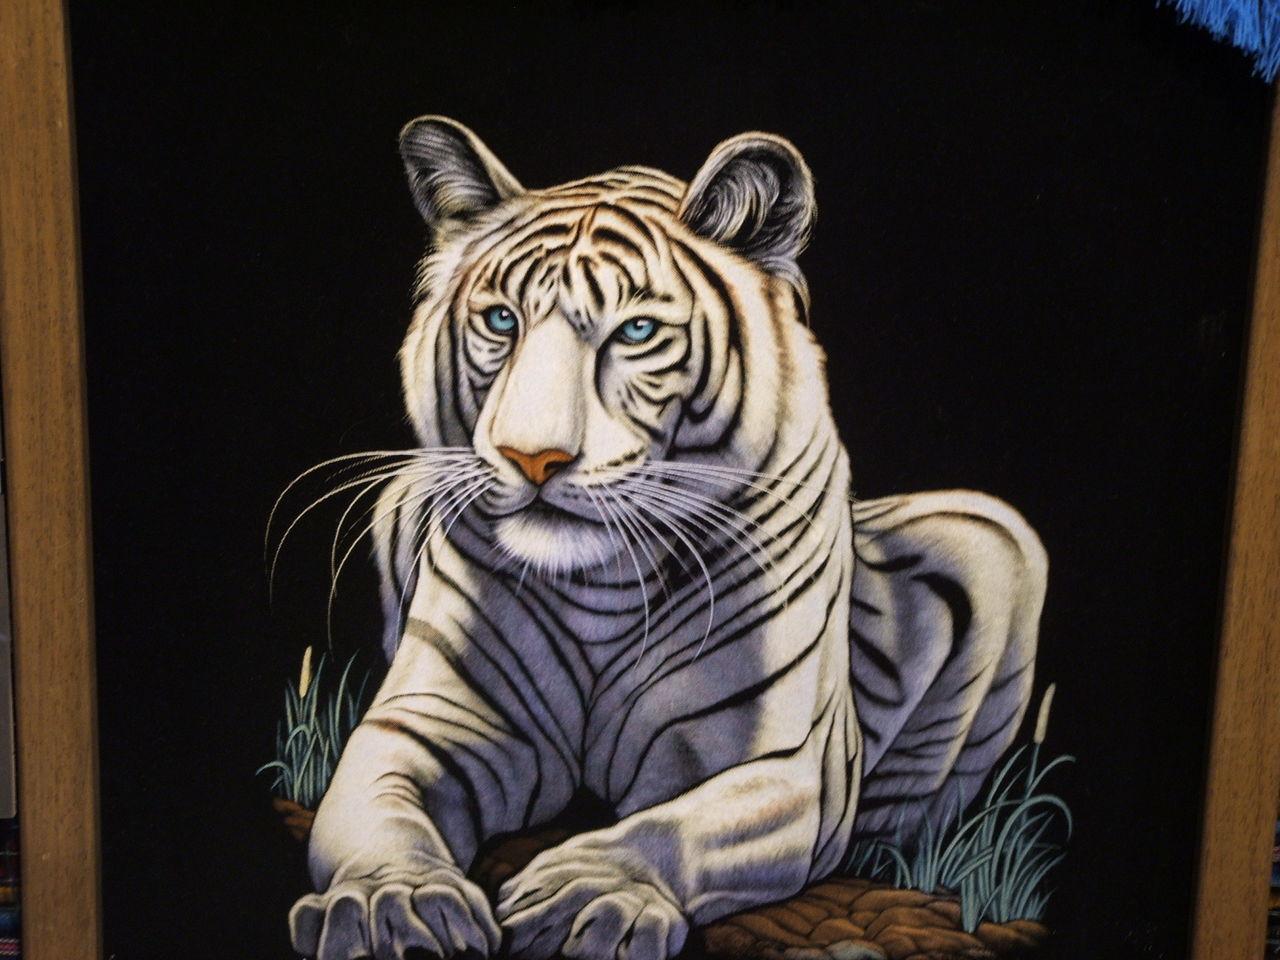 白虎喜欢被老公干屁眼视频_孟加拉白虎图片桌面壁纸 55壁纸网